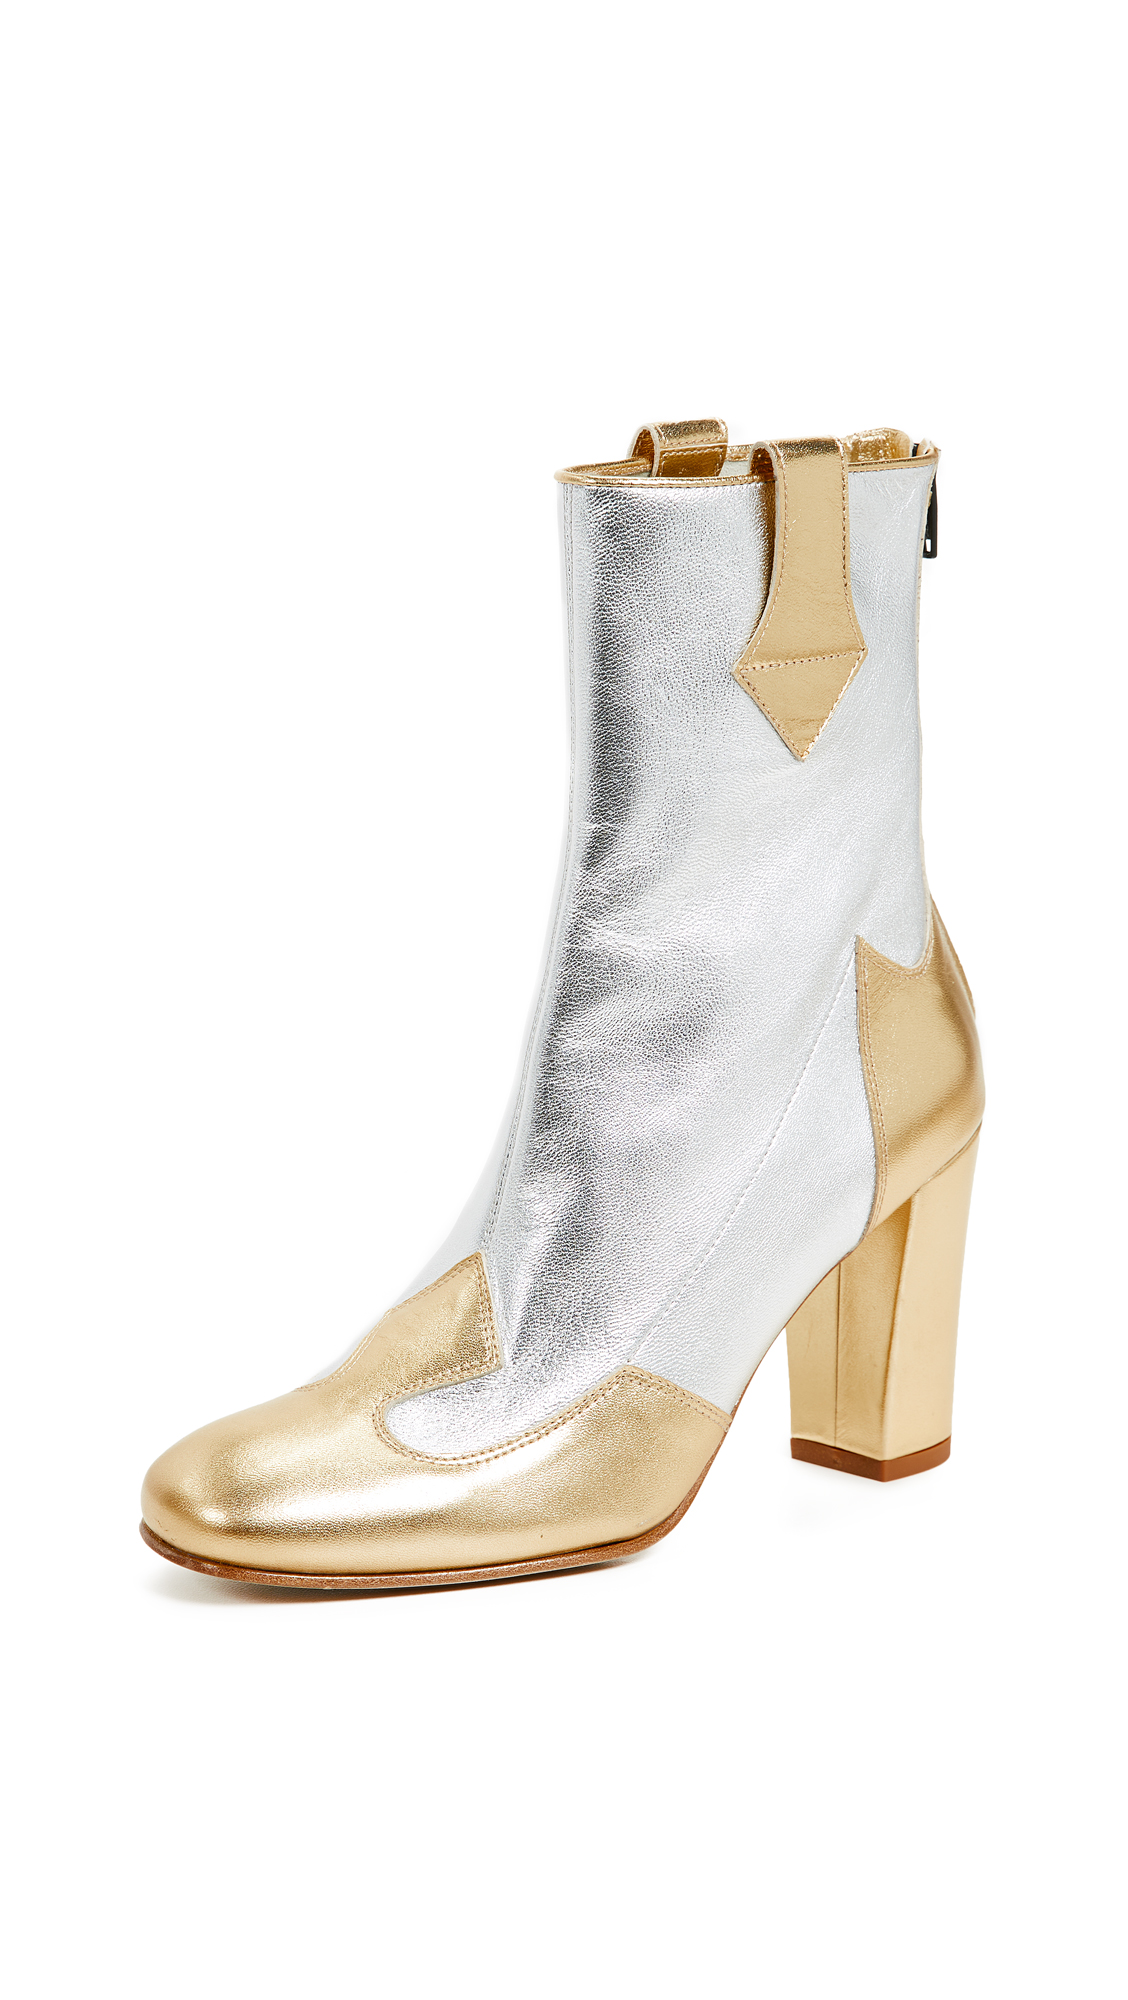 Photo of Kalda Lou Boots - buy Kalda shoes